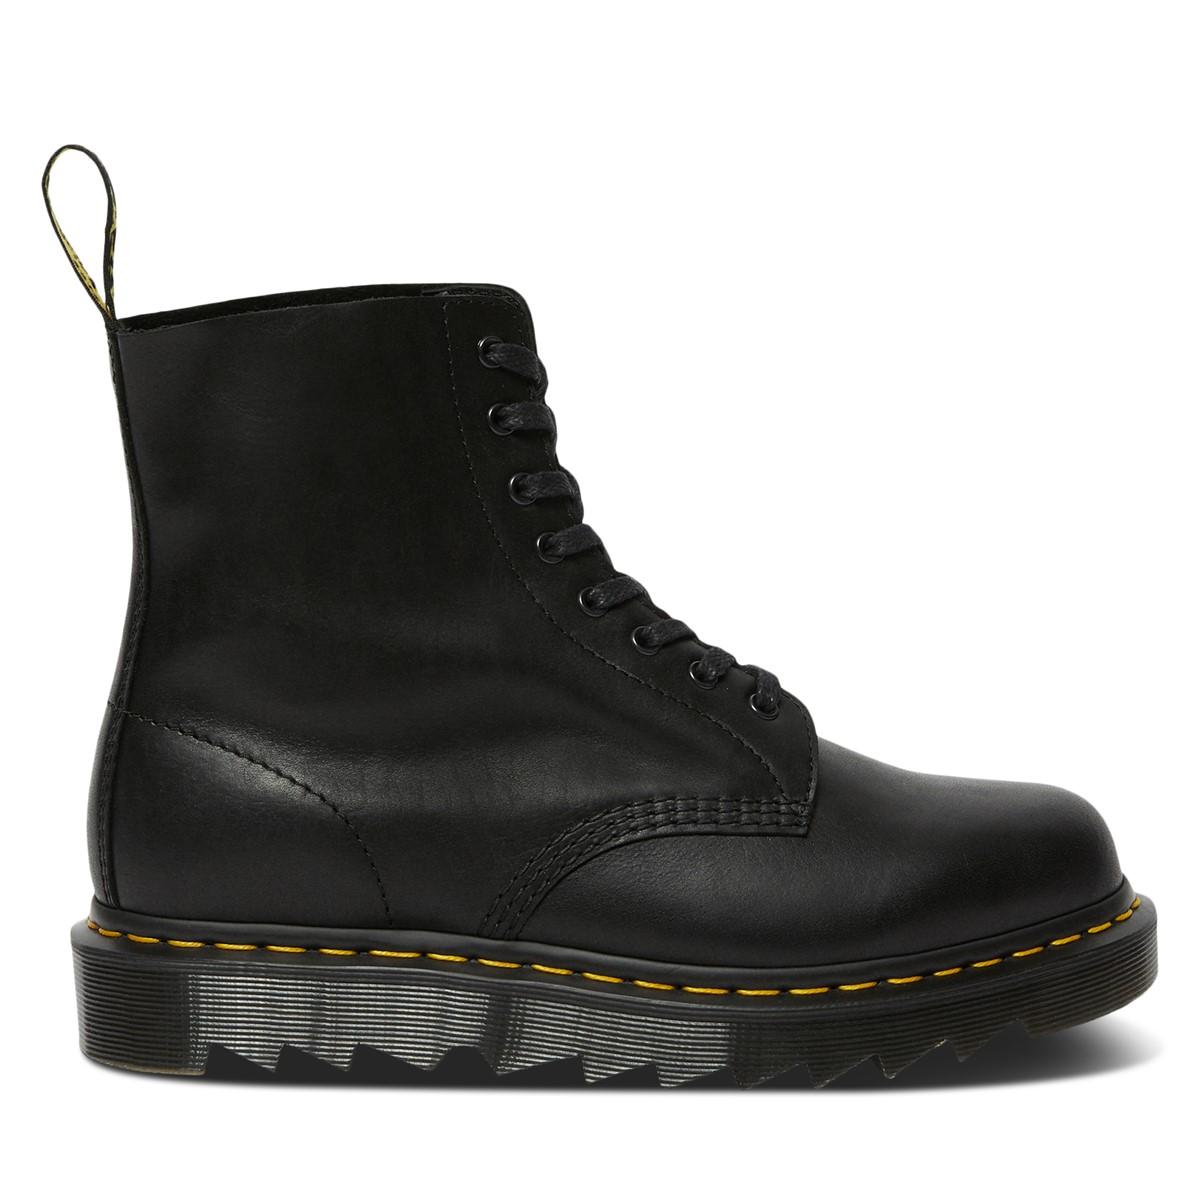 Men's 1460 Ziggy Boots in Black